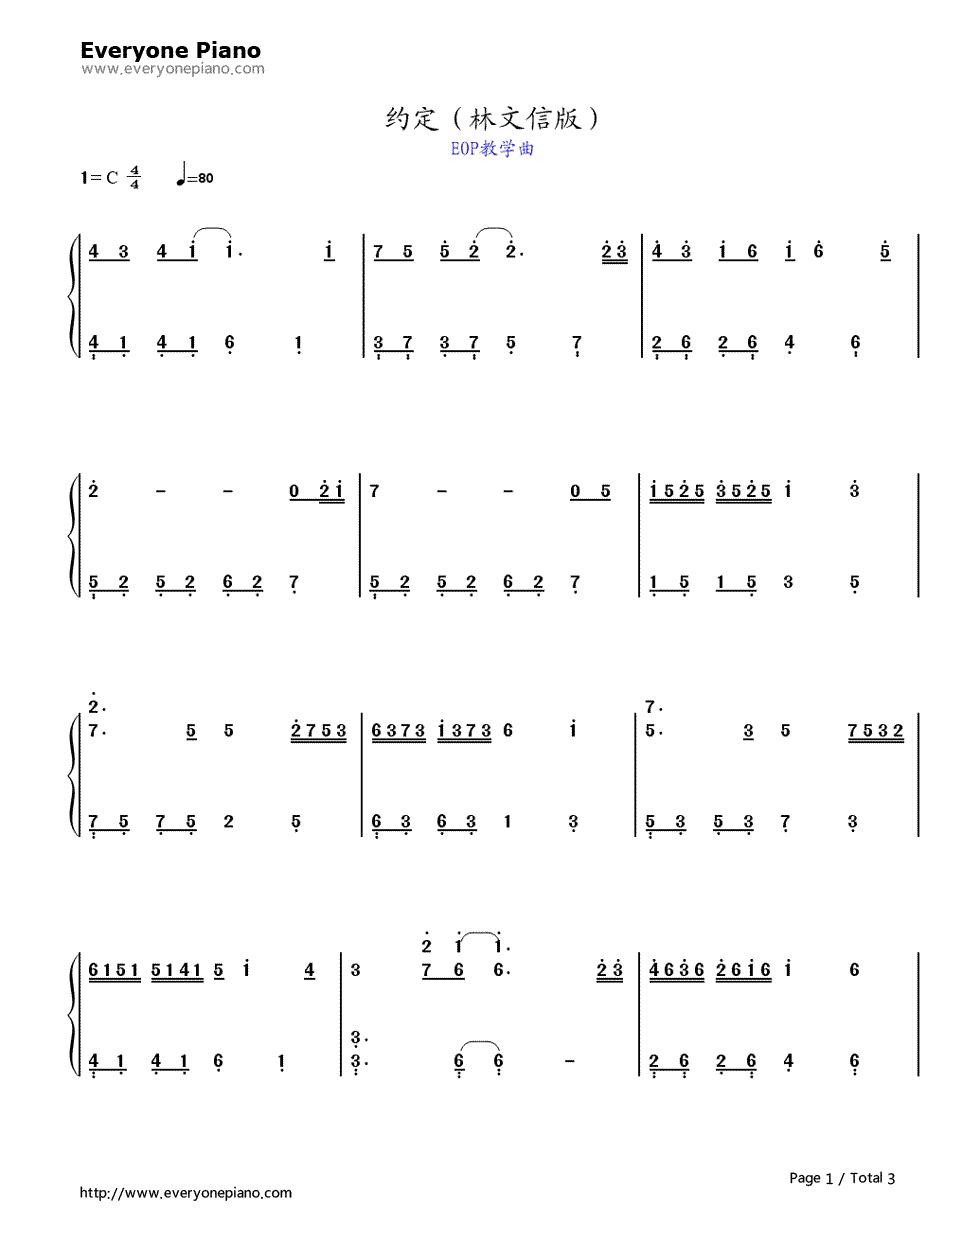 约定-林文信版-eop教学曲双手简谱预览1